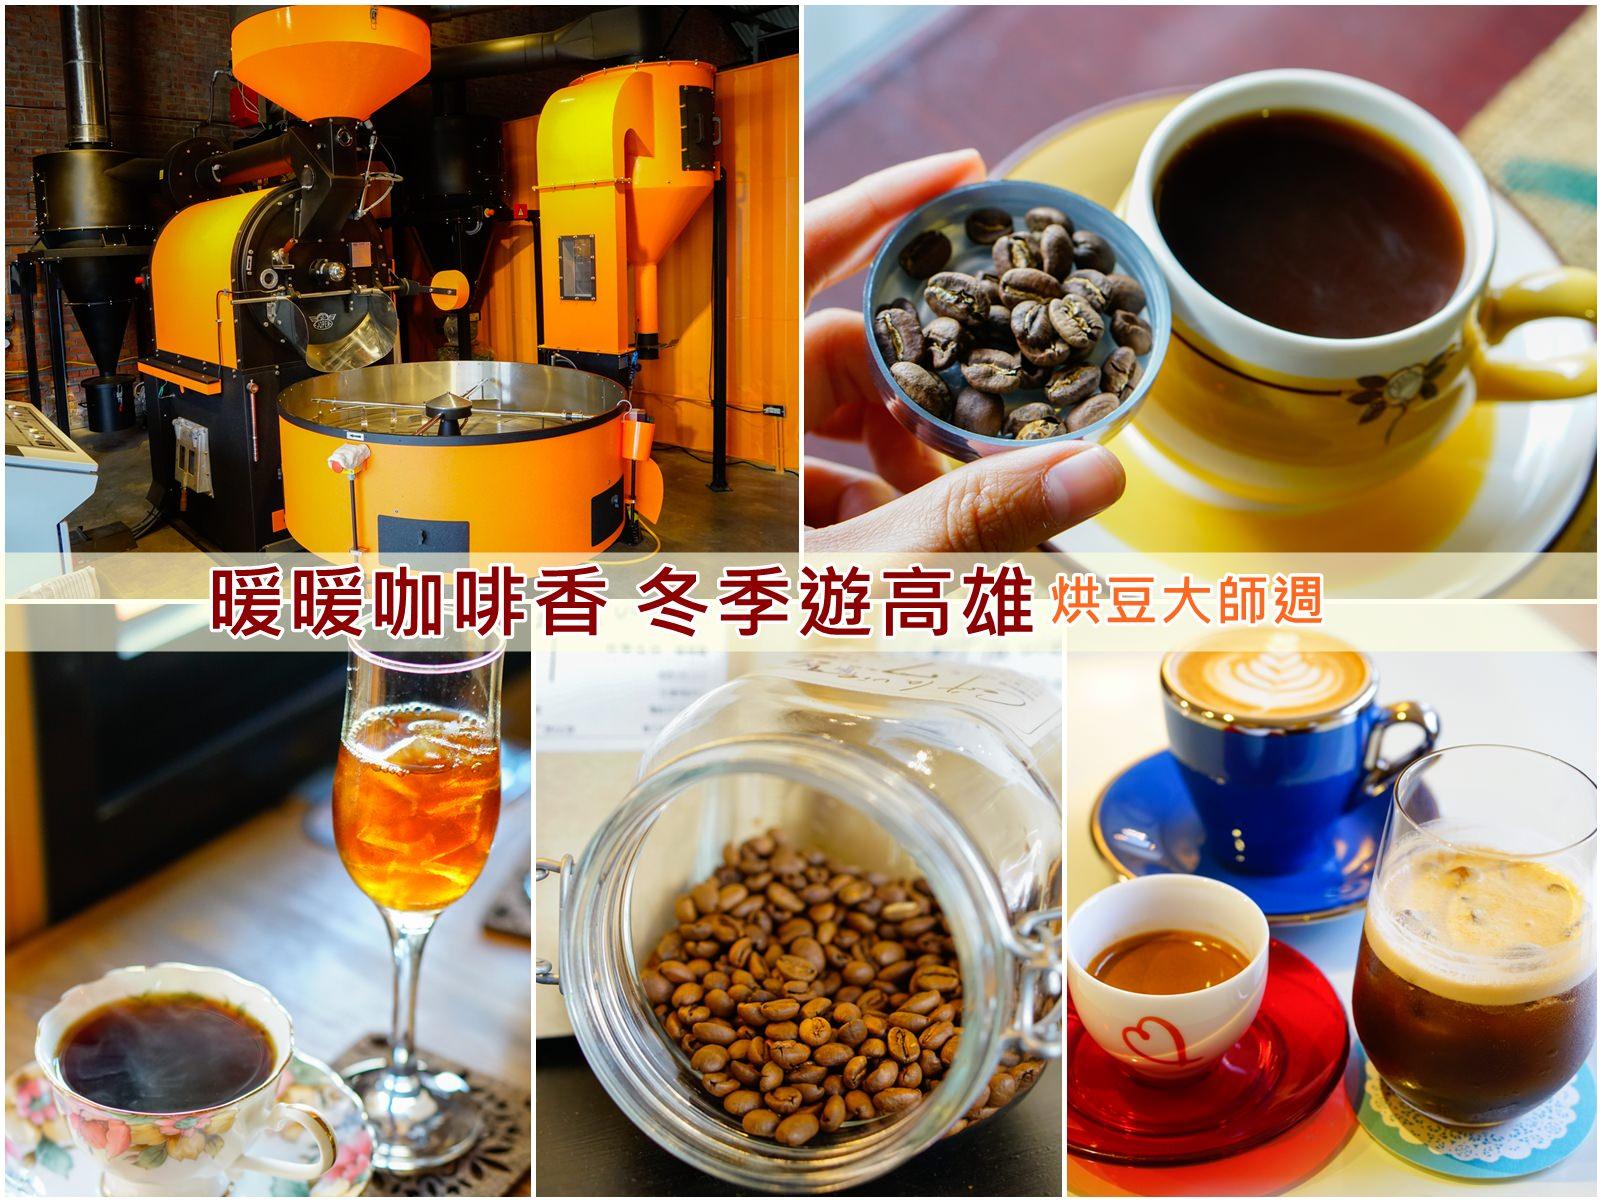 [高雄]暖暖咖啡香冬季遊高雄 烘豆大師週| 賦予咖啡靈魂的魔法師 高雄咖啡店推薦